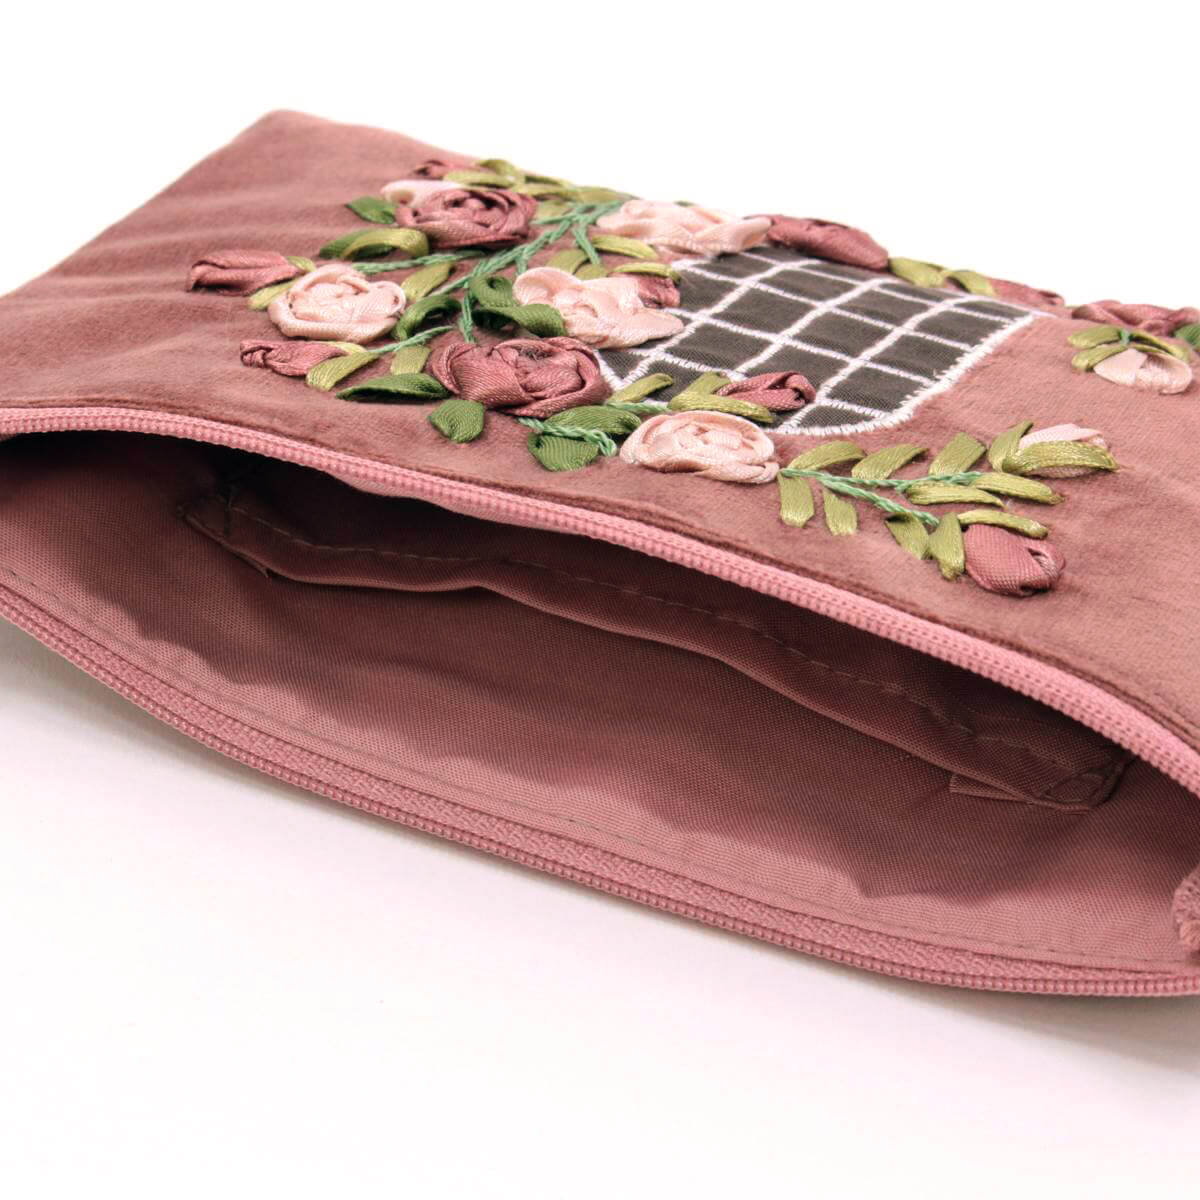 リボン刺しゅう フィールザローズ マルチケースの内側には平面ポケットが有ります。